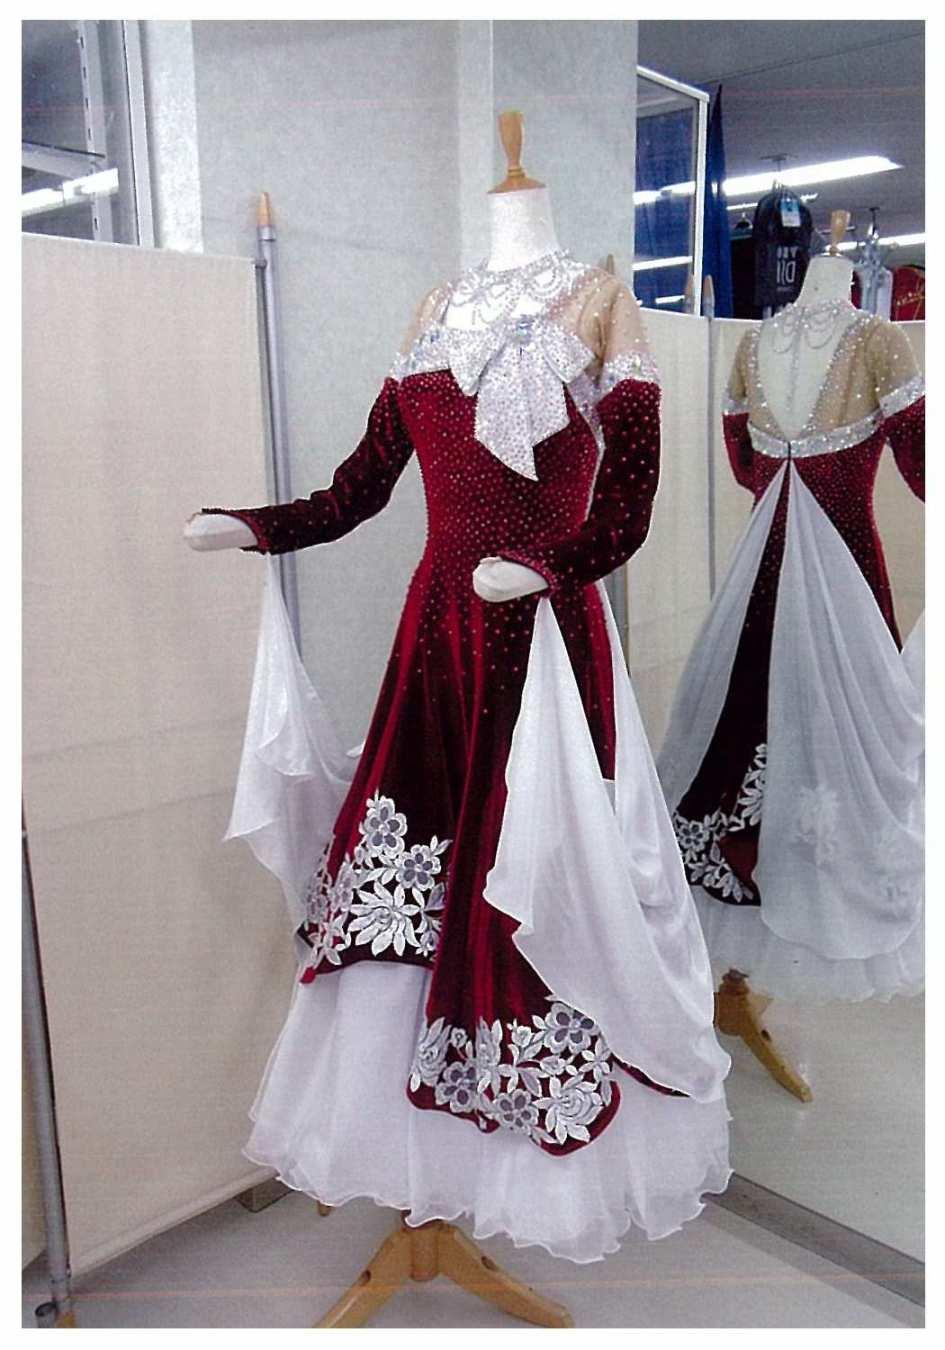 ワイン系ベロアに白 ファンタジックライン クリスマスドレス